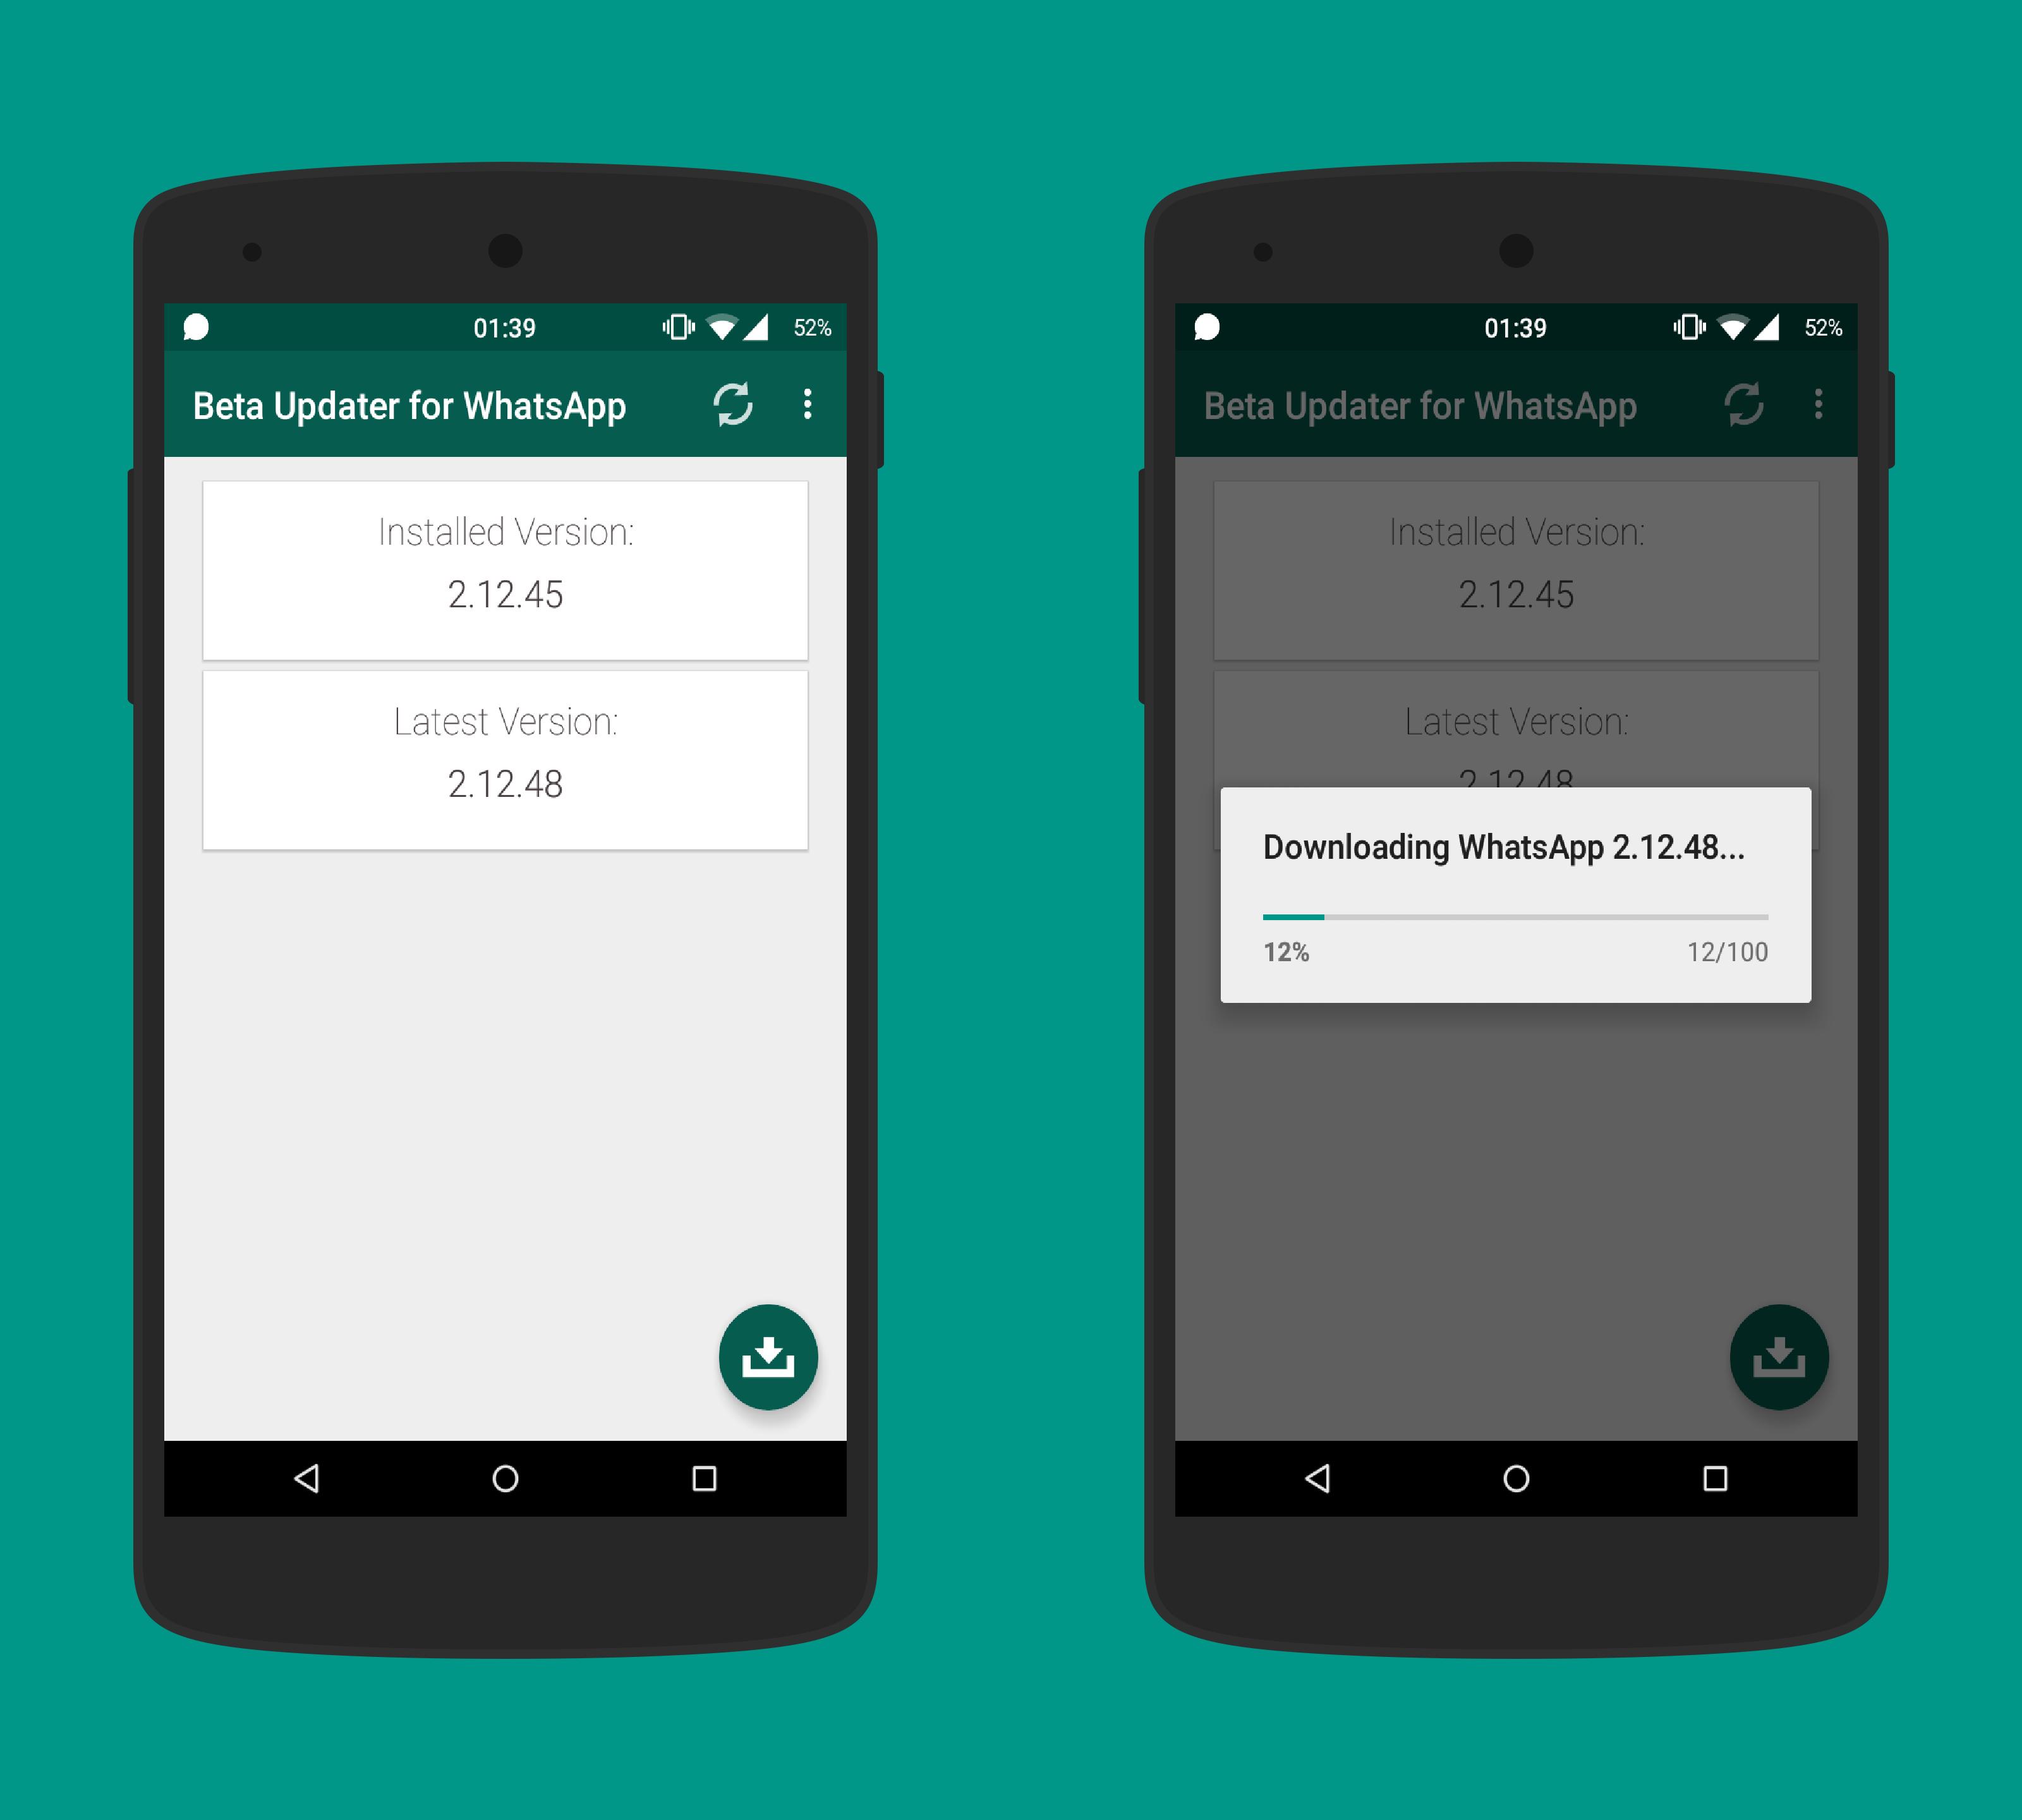 GitHub - javiersantos/WhatsAppBetaUpdater Xamarin: App to